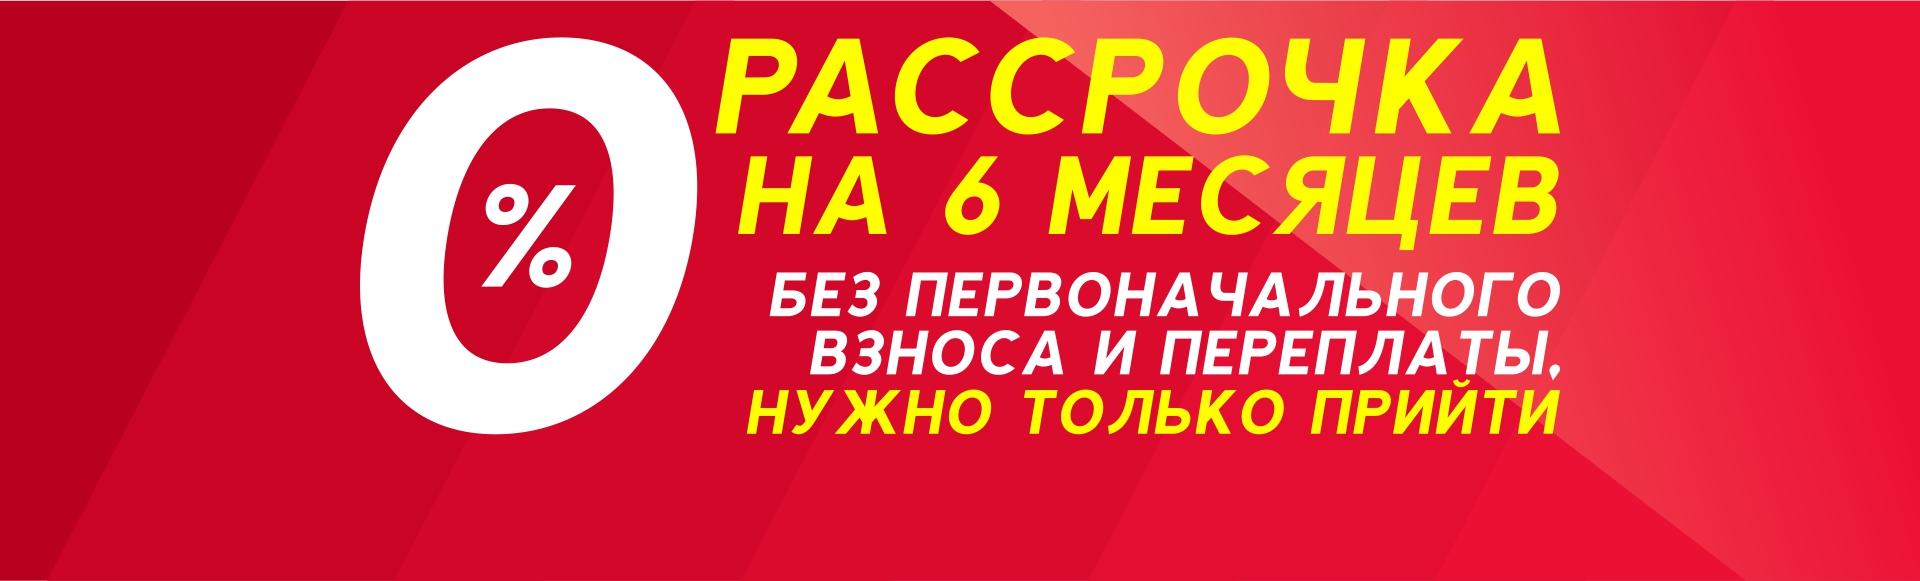 Натяжные потолки в рассрочку в Новосибирске